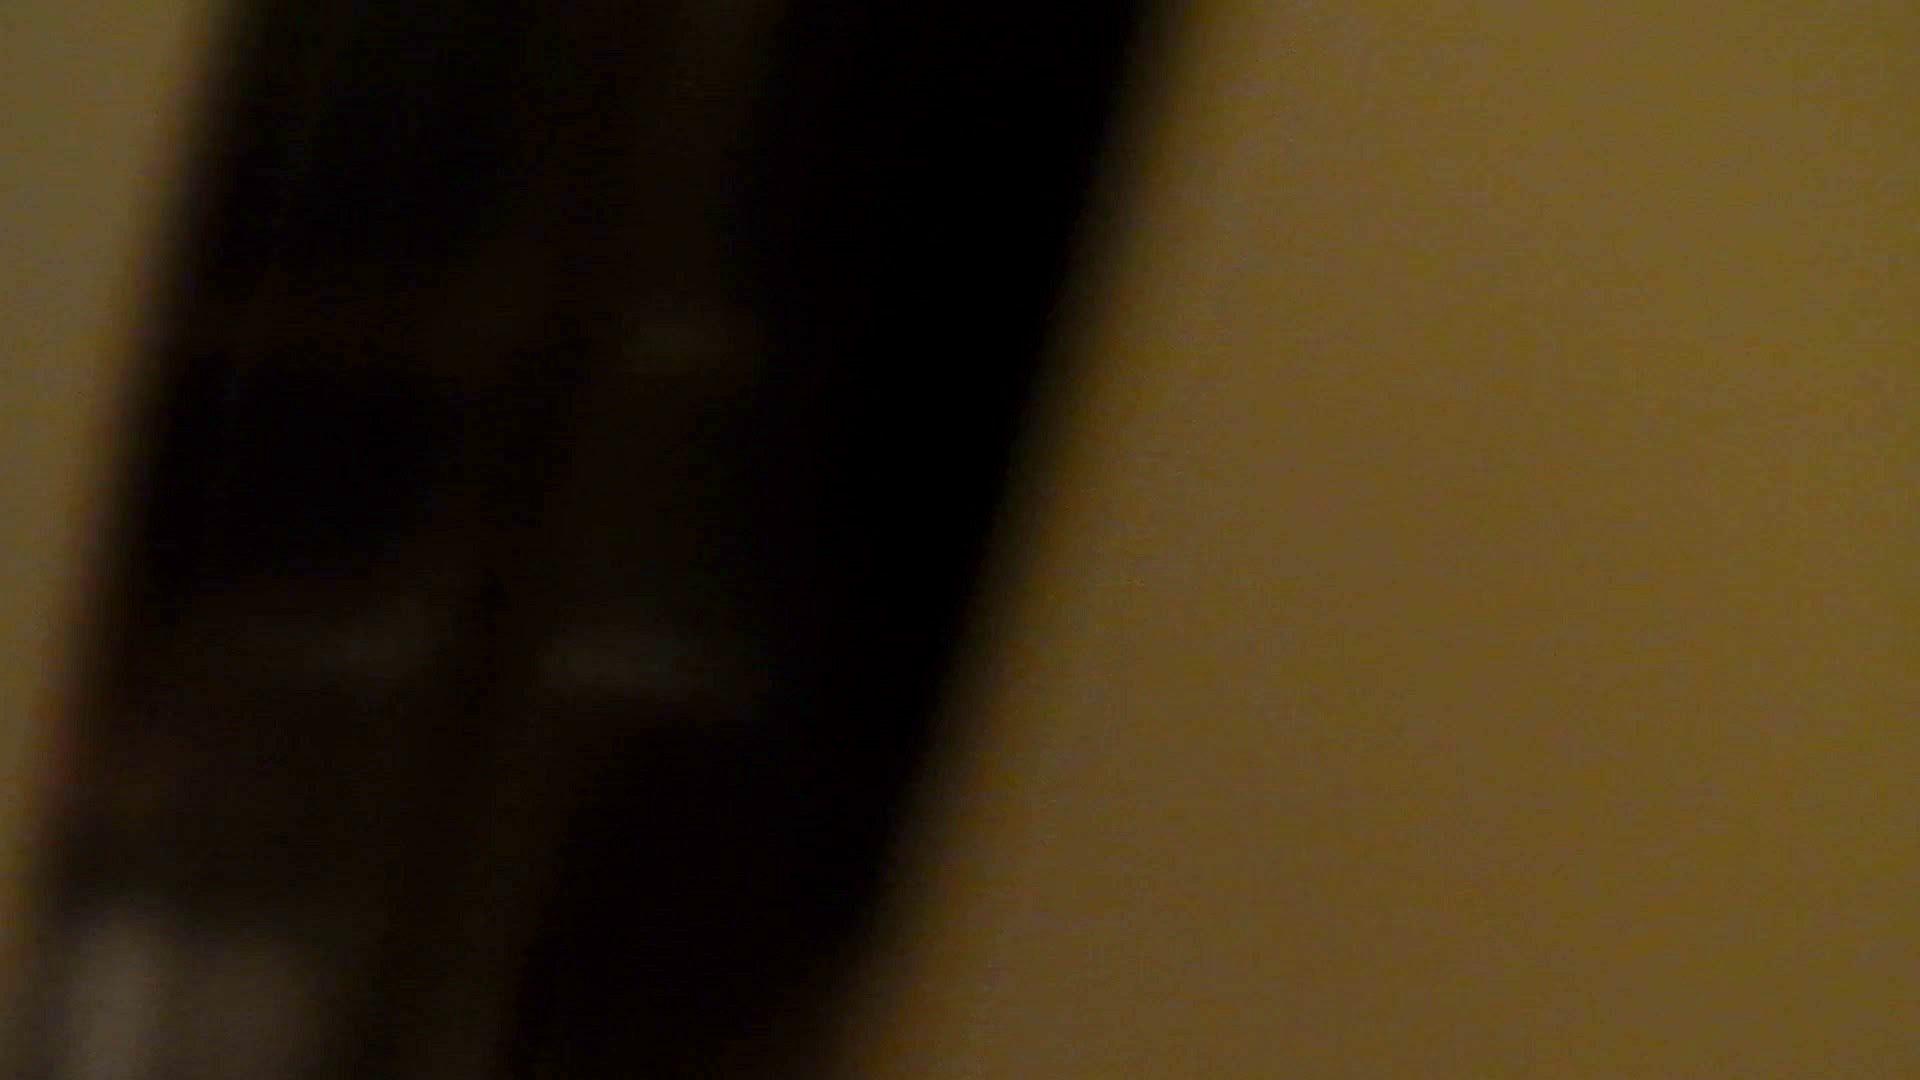 洗寿観音さんの 化粧室は四面楚歌Nol.6 洗面所  93pic 7